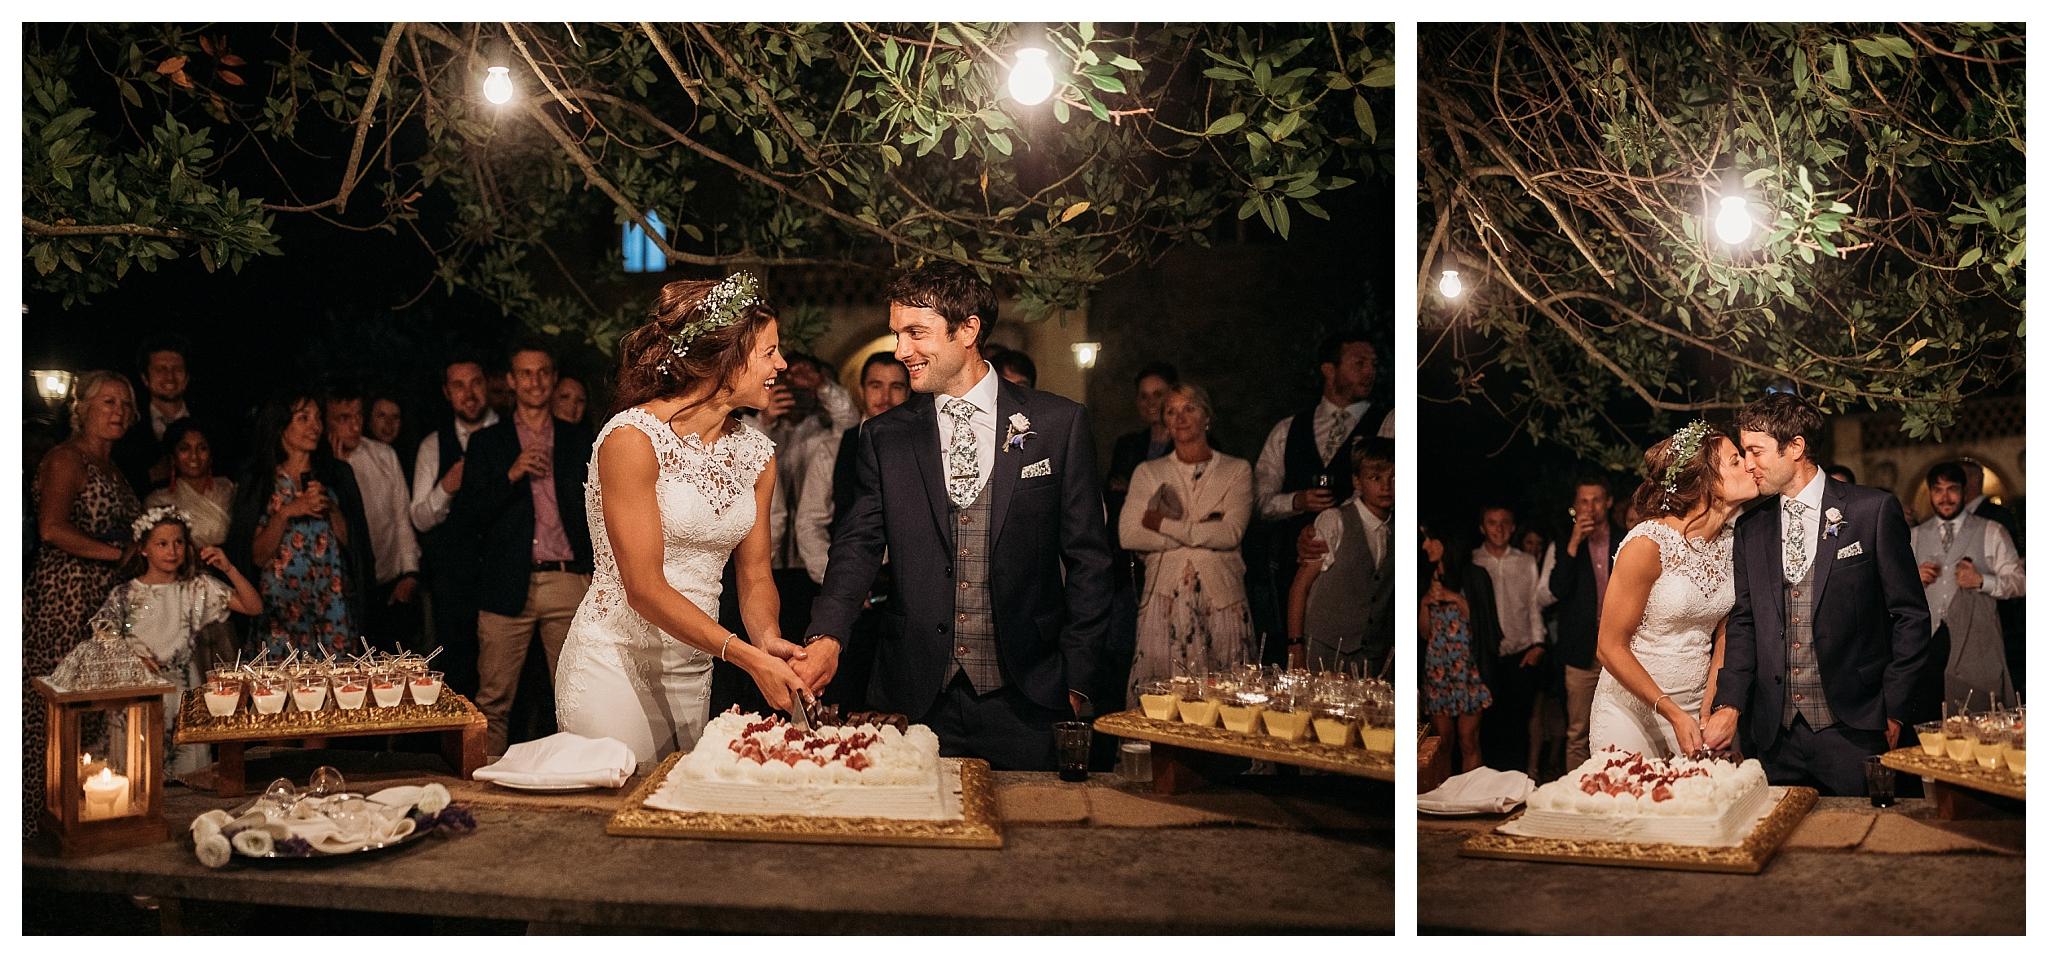 Cake cutting at Tenuta di Casa Bruciata, Italy